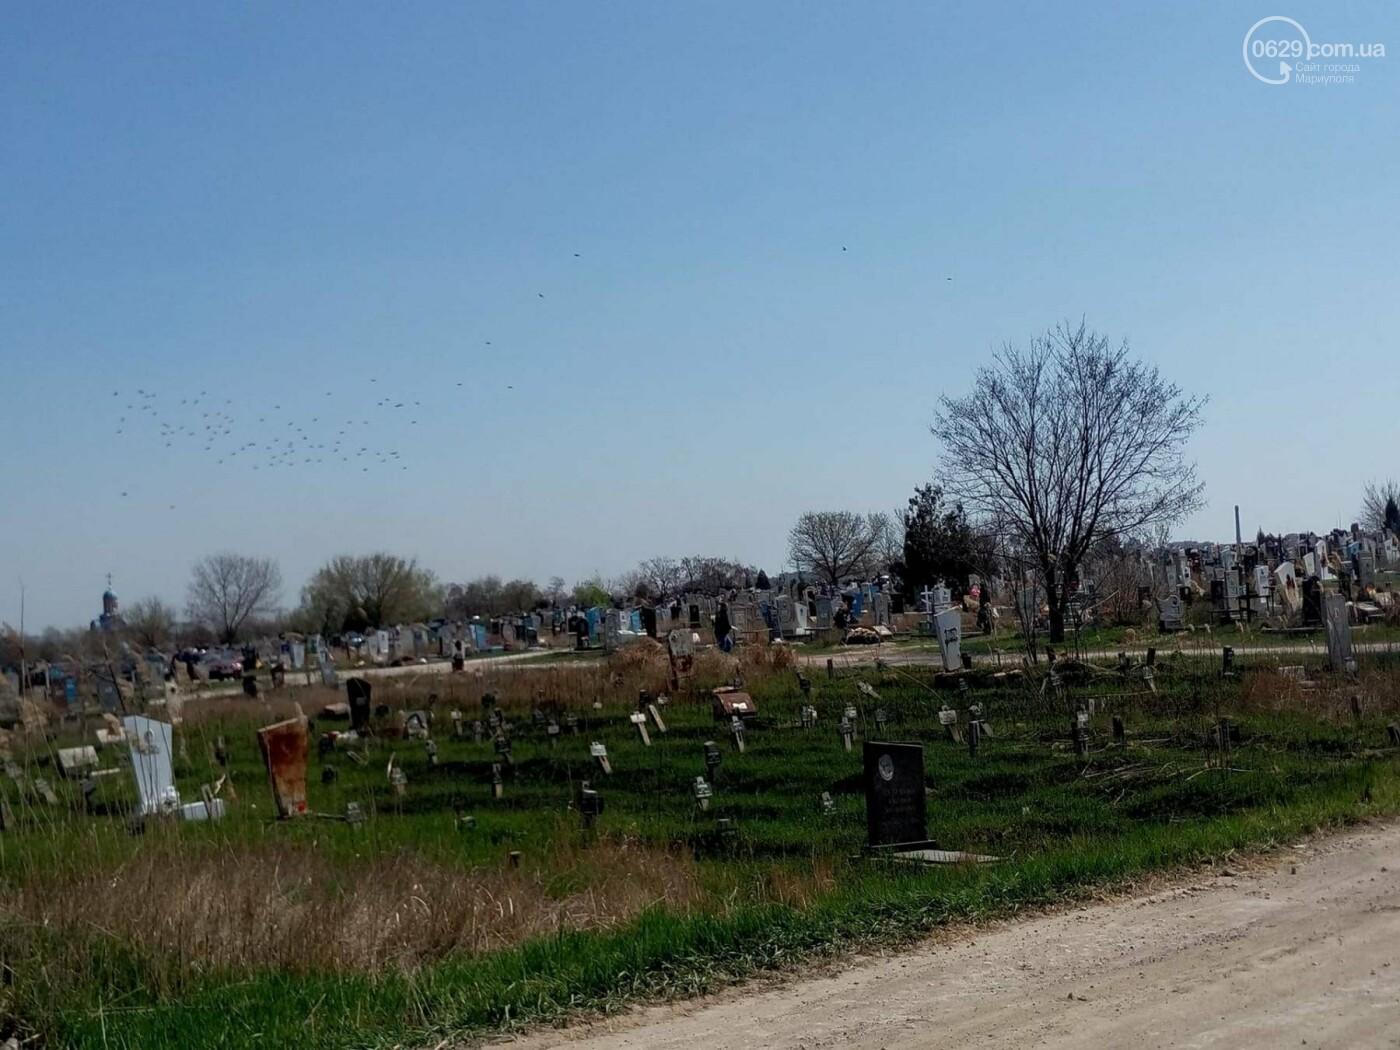 Поминальные дни: мариупольцы массово посетили городские кладбища (ФОТО), фото-5